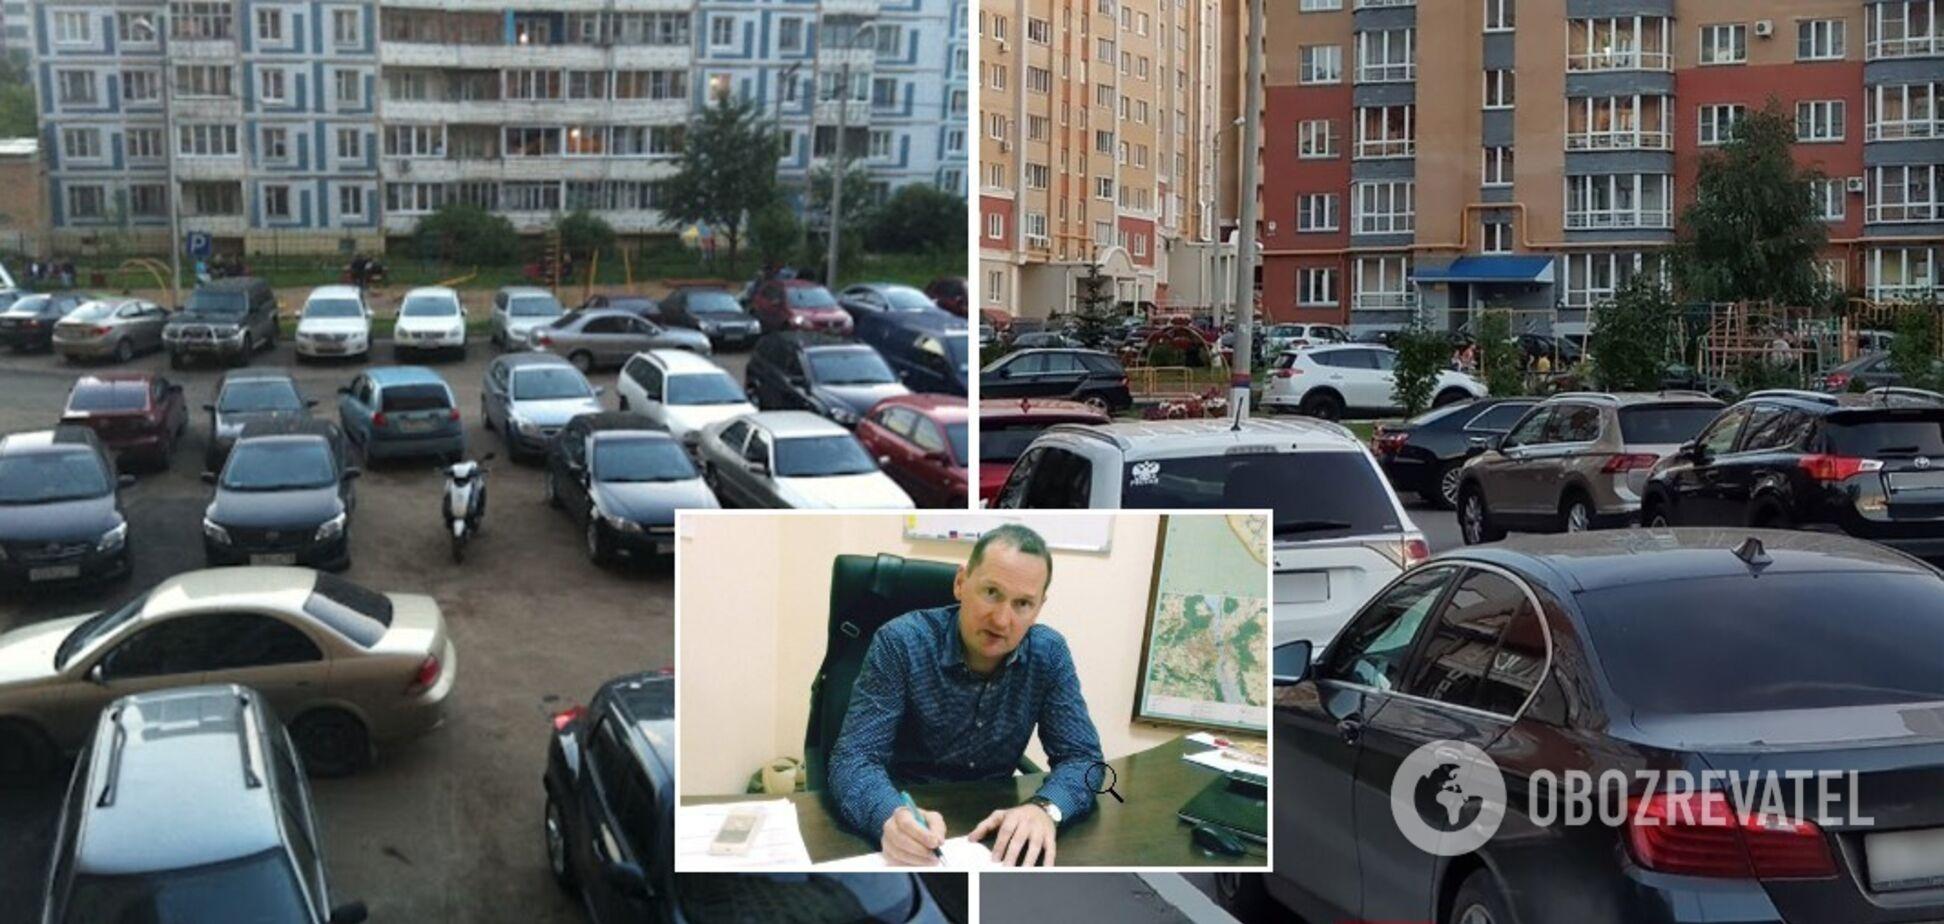 Паркування у дворах Києва поки не буде платним